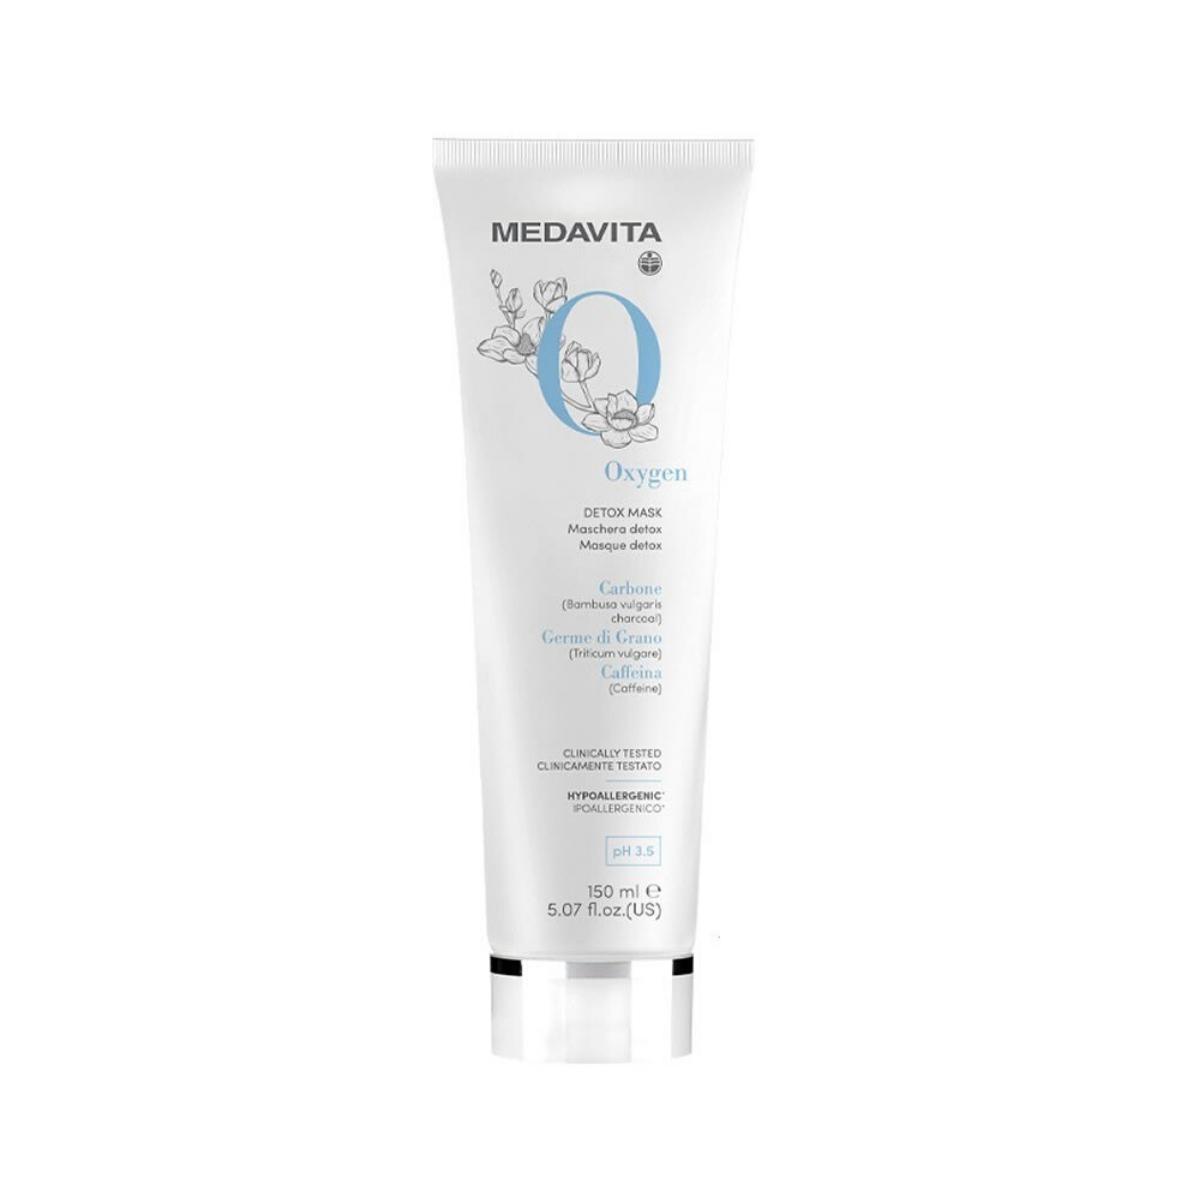 MEDAVITA Oxygen Detox Mask 150ml - Maska detoksykująca, oczyszczająca do każdego rodzaju włosów